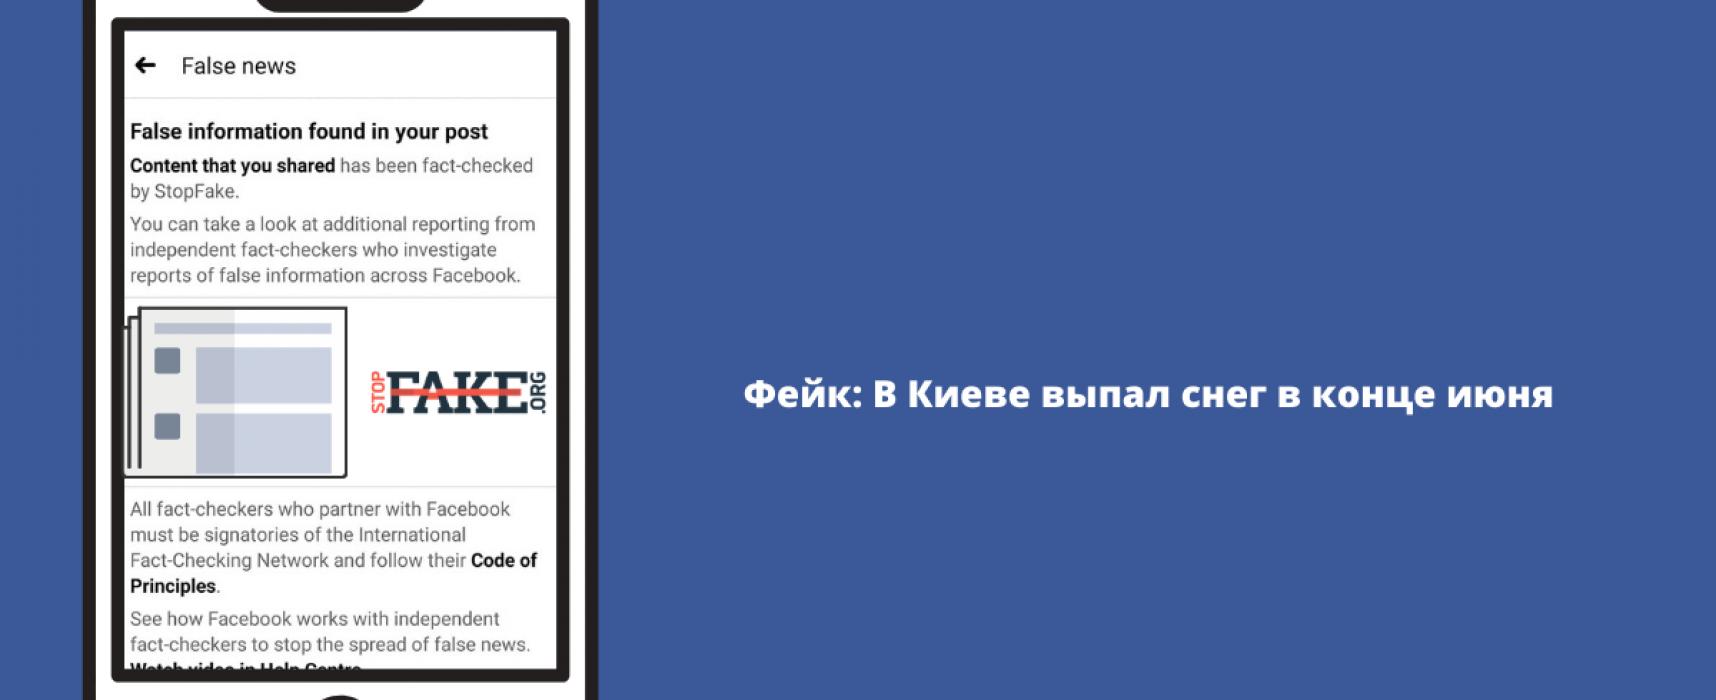 Фейк: В Киеве выпал снег в конце июня